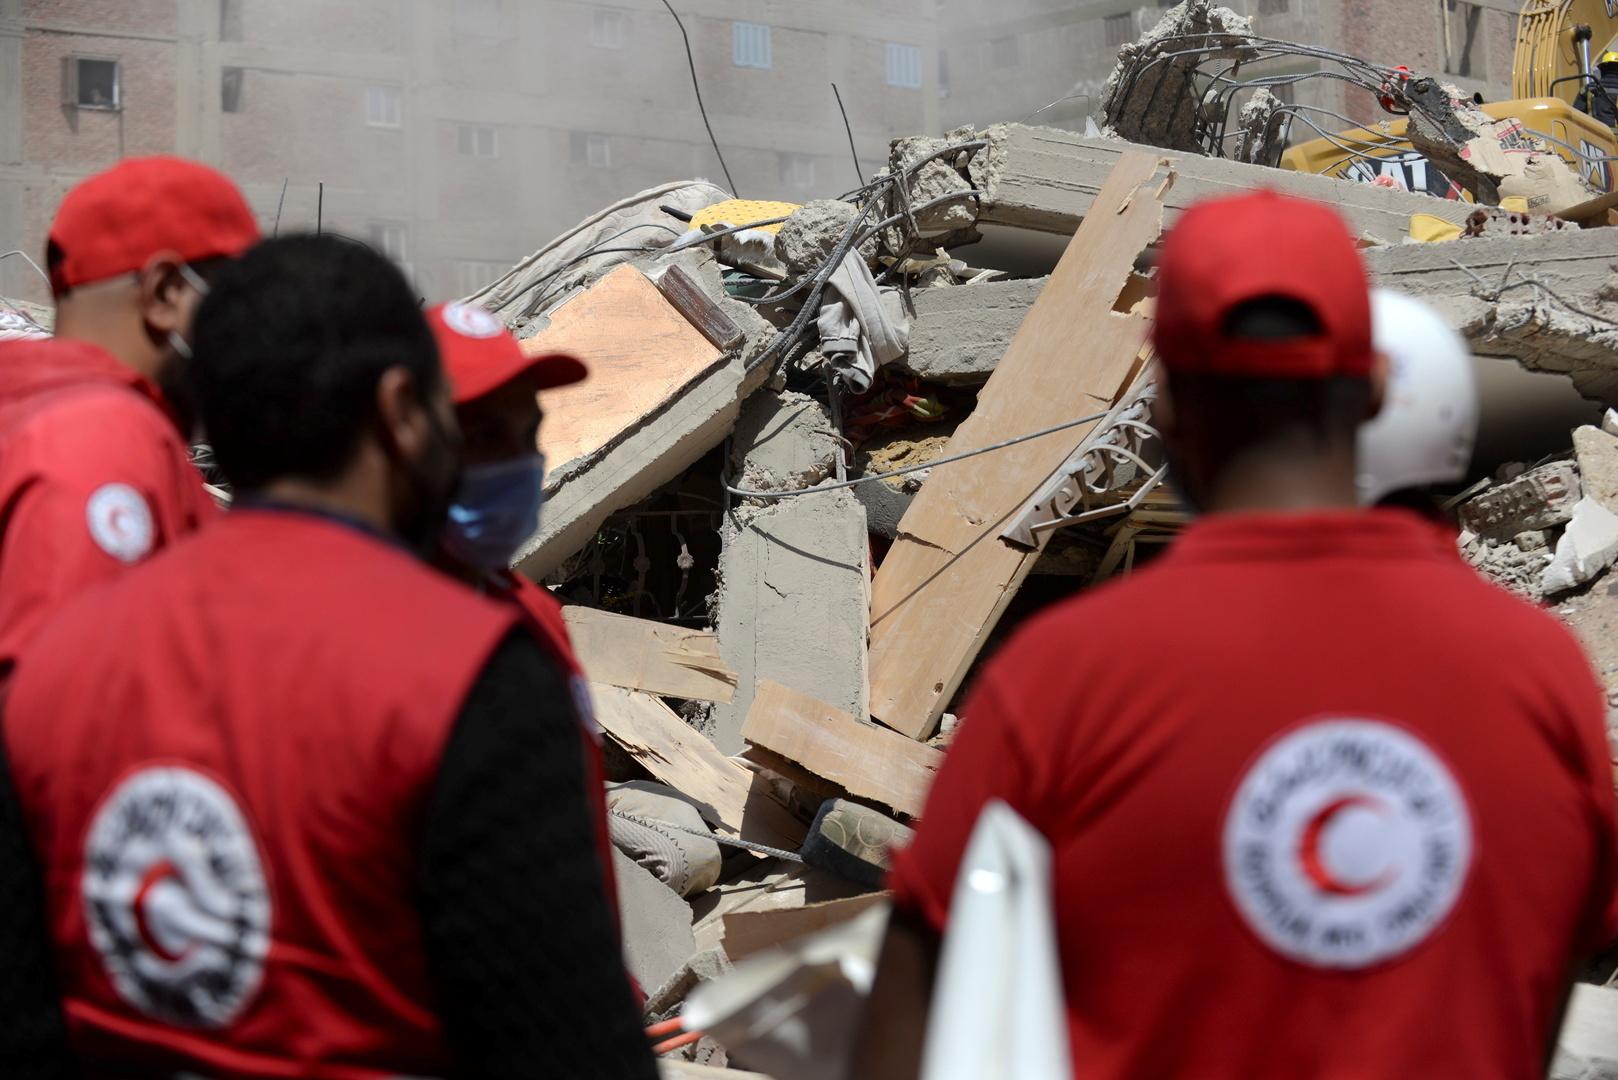 مصر.. انهيار عقار بسبب هزة أرضية والأمن يبحث عن ضحايا تحت الأنقاض (صور+فيديو)